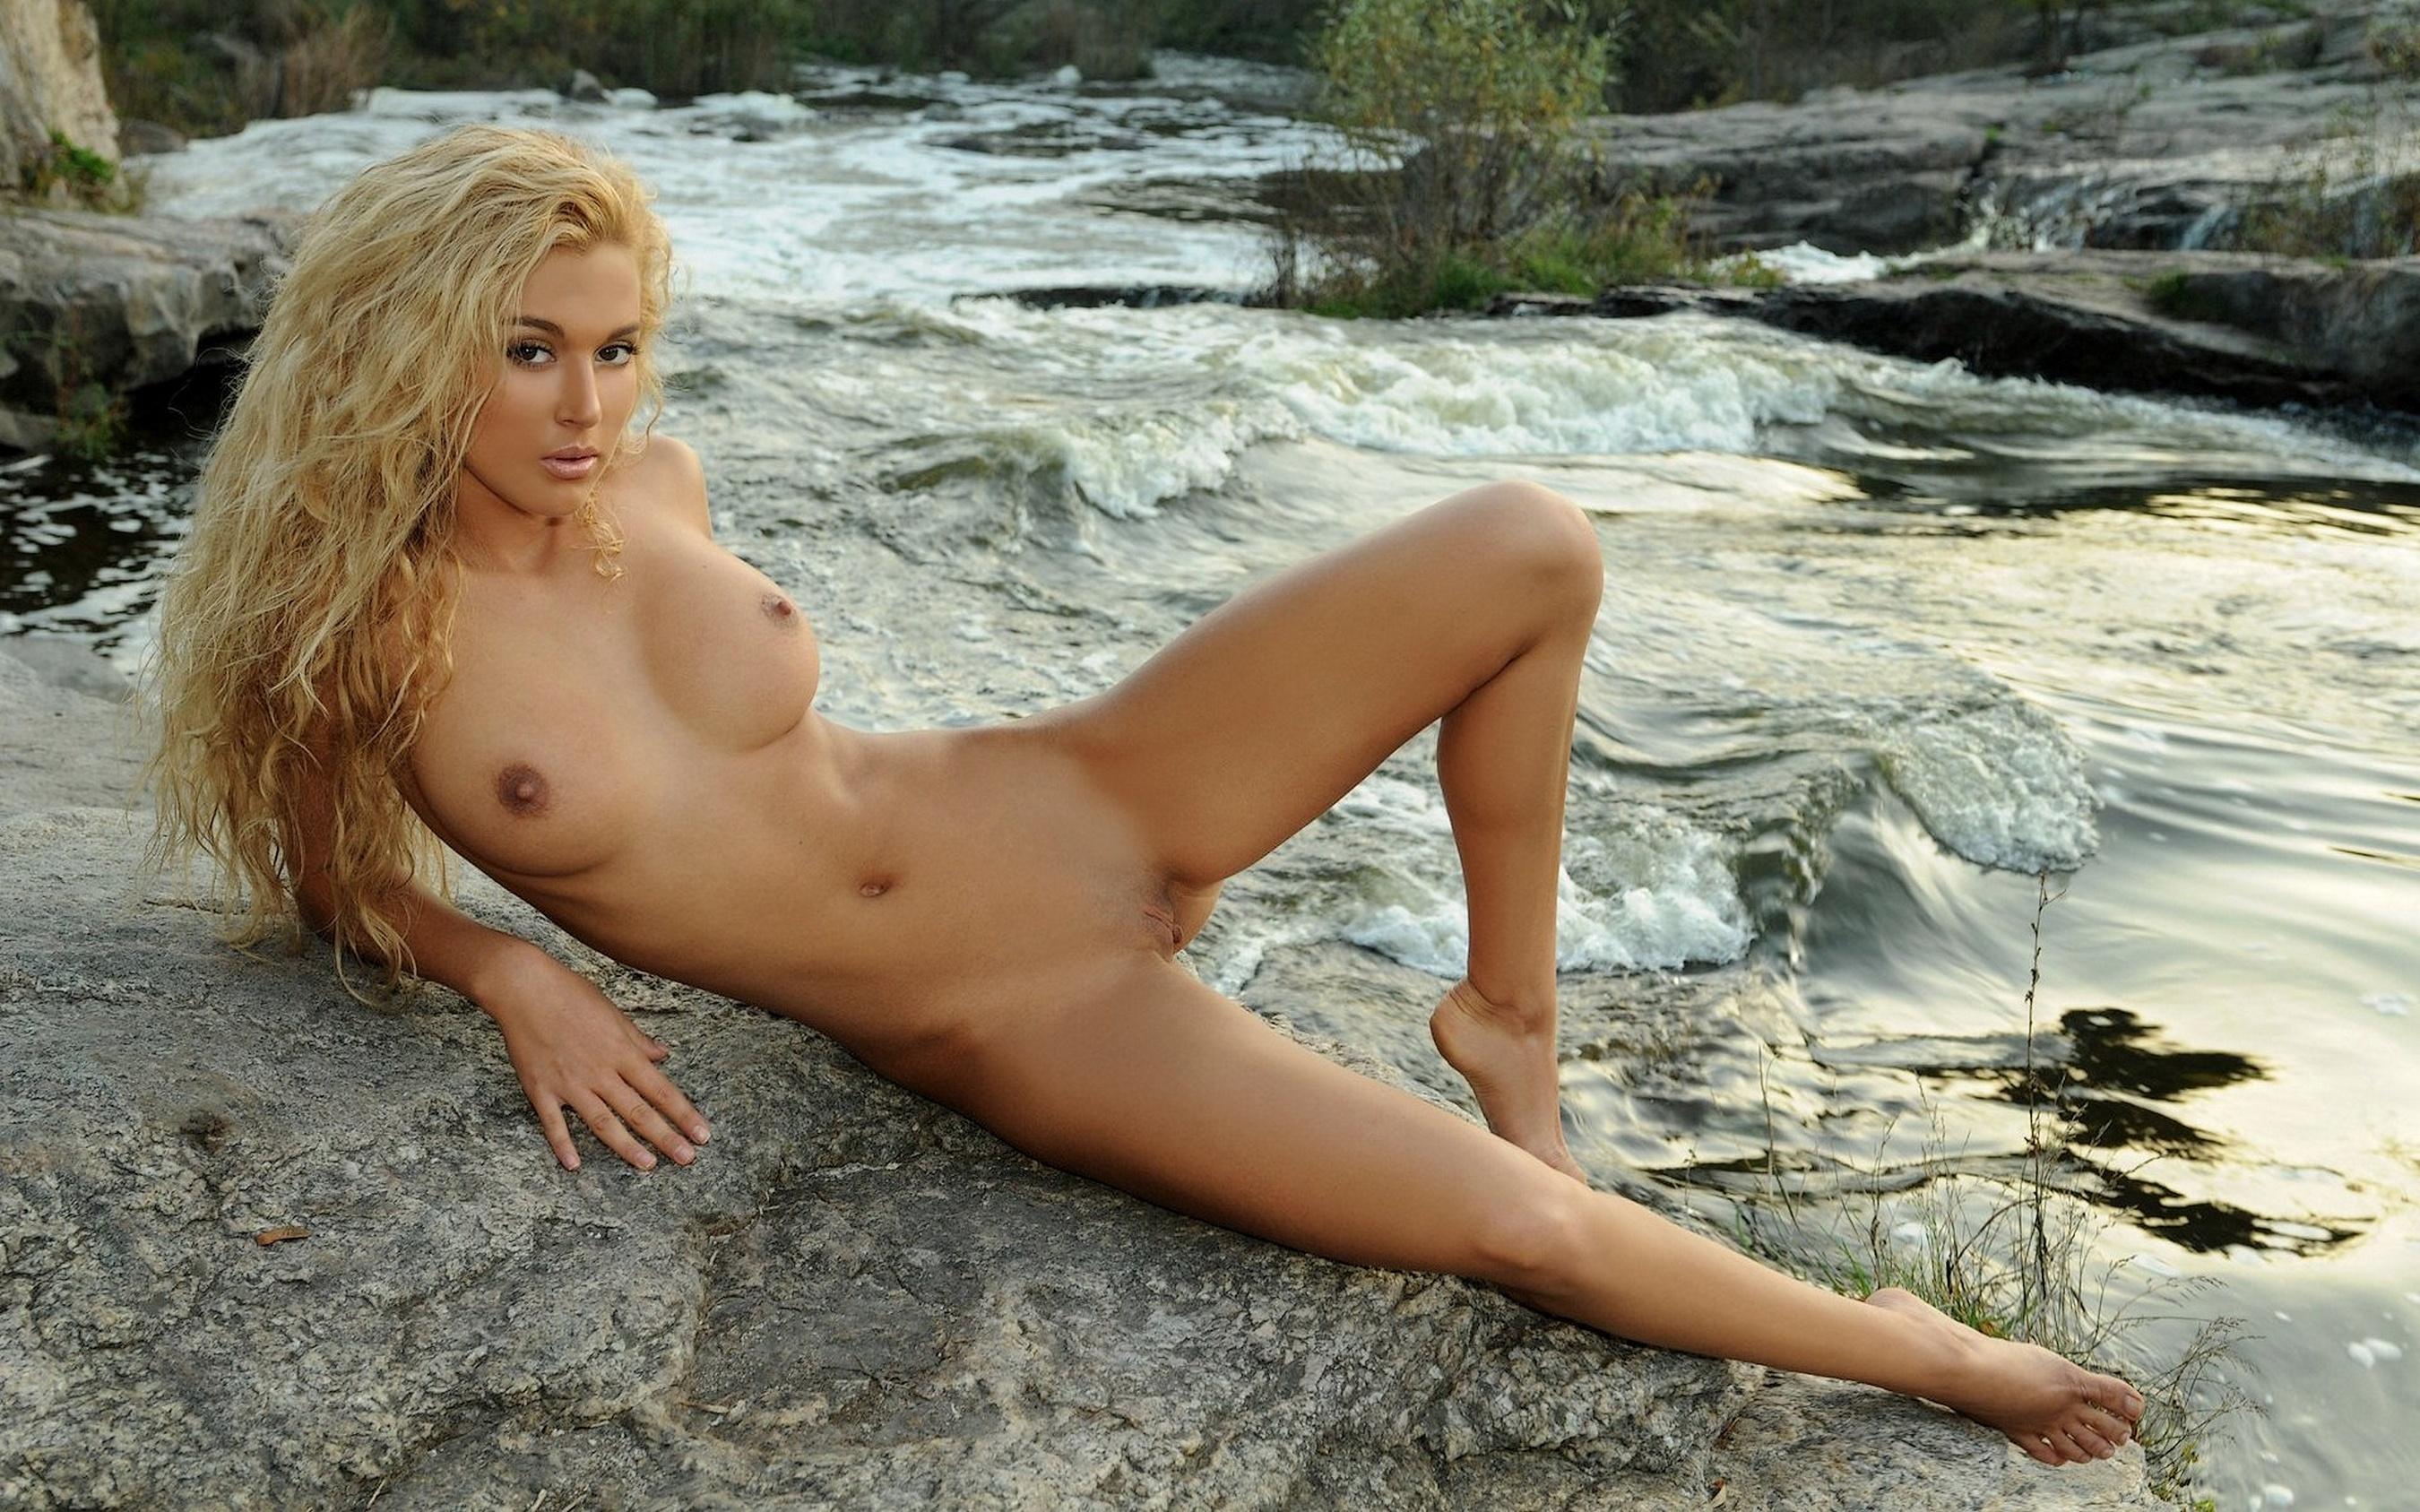 Смотреть бесплатно фото голых девушек онлайн 22 фотография